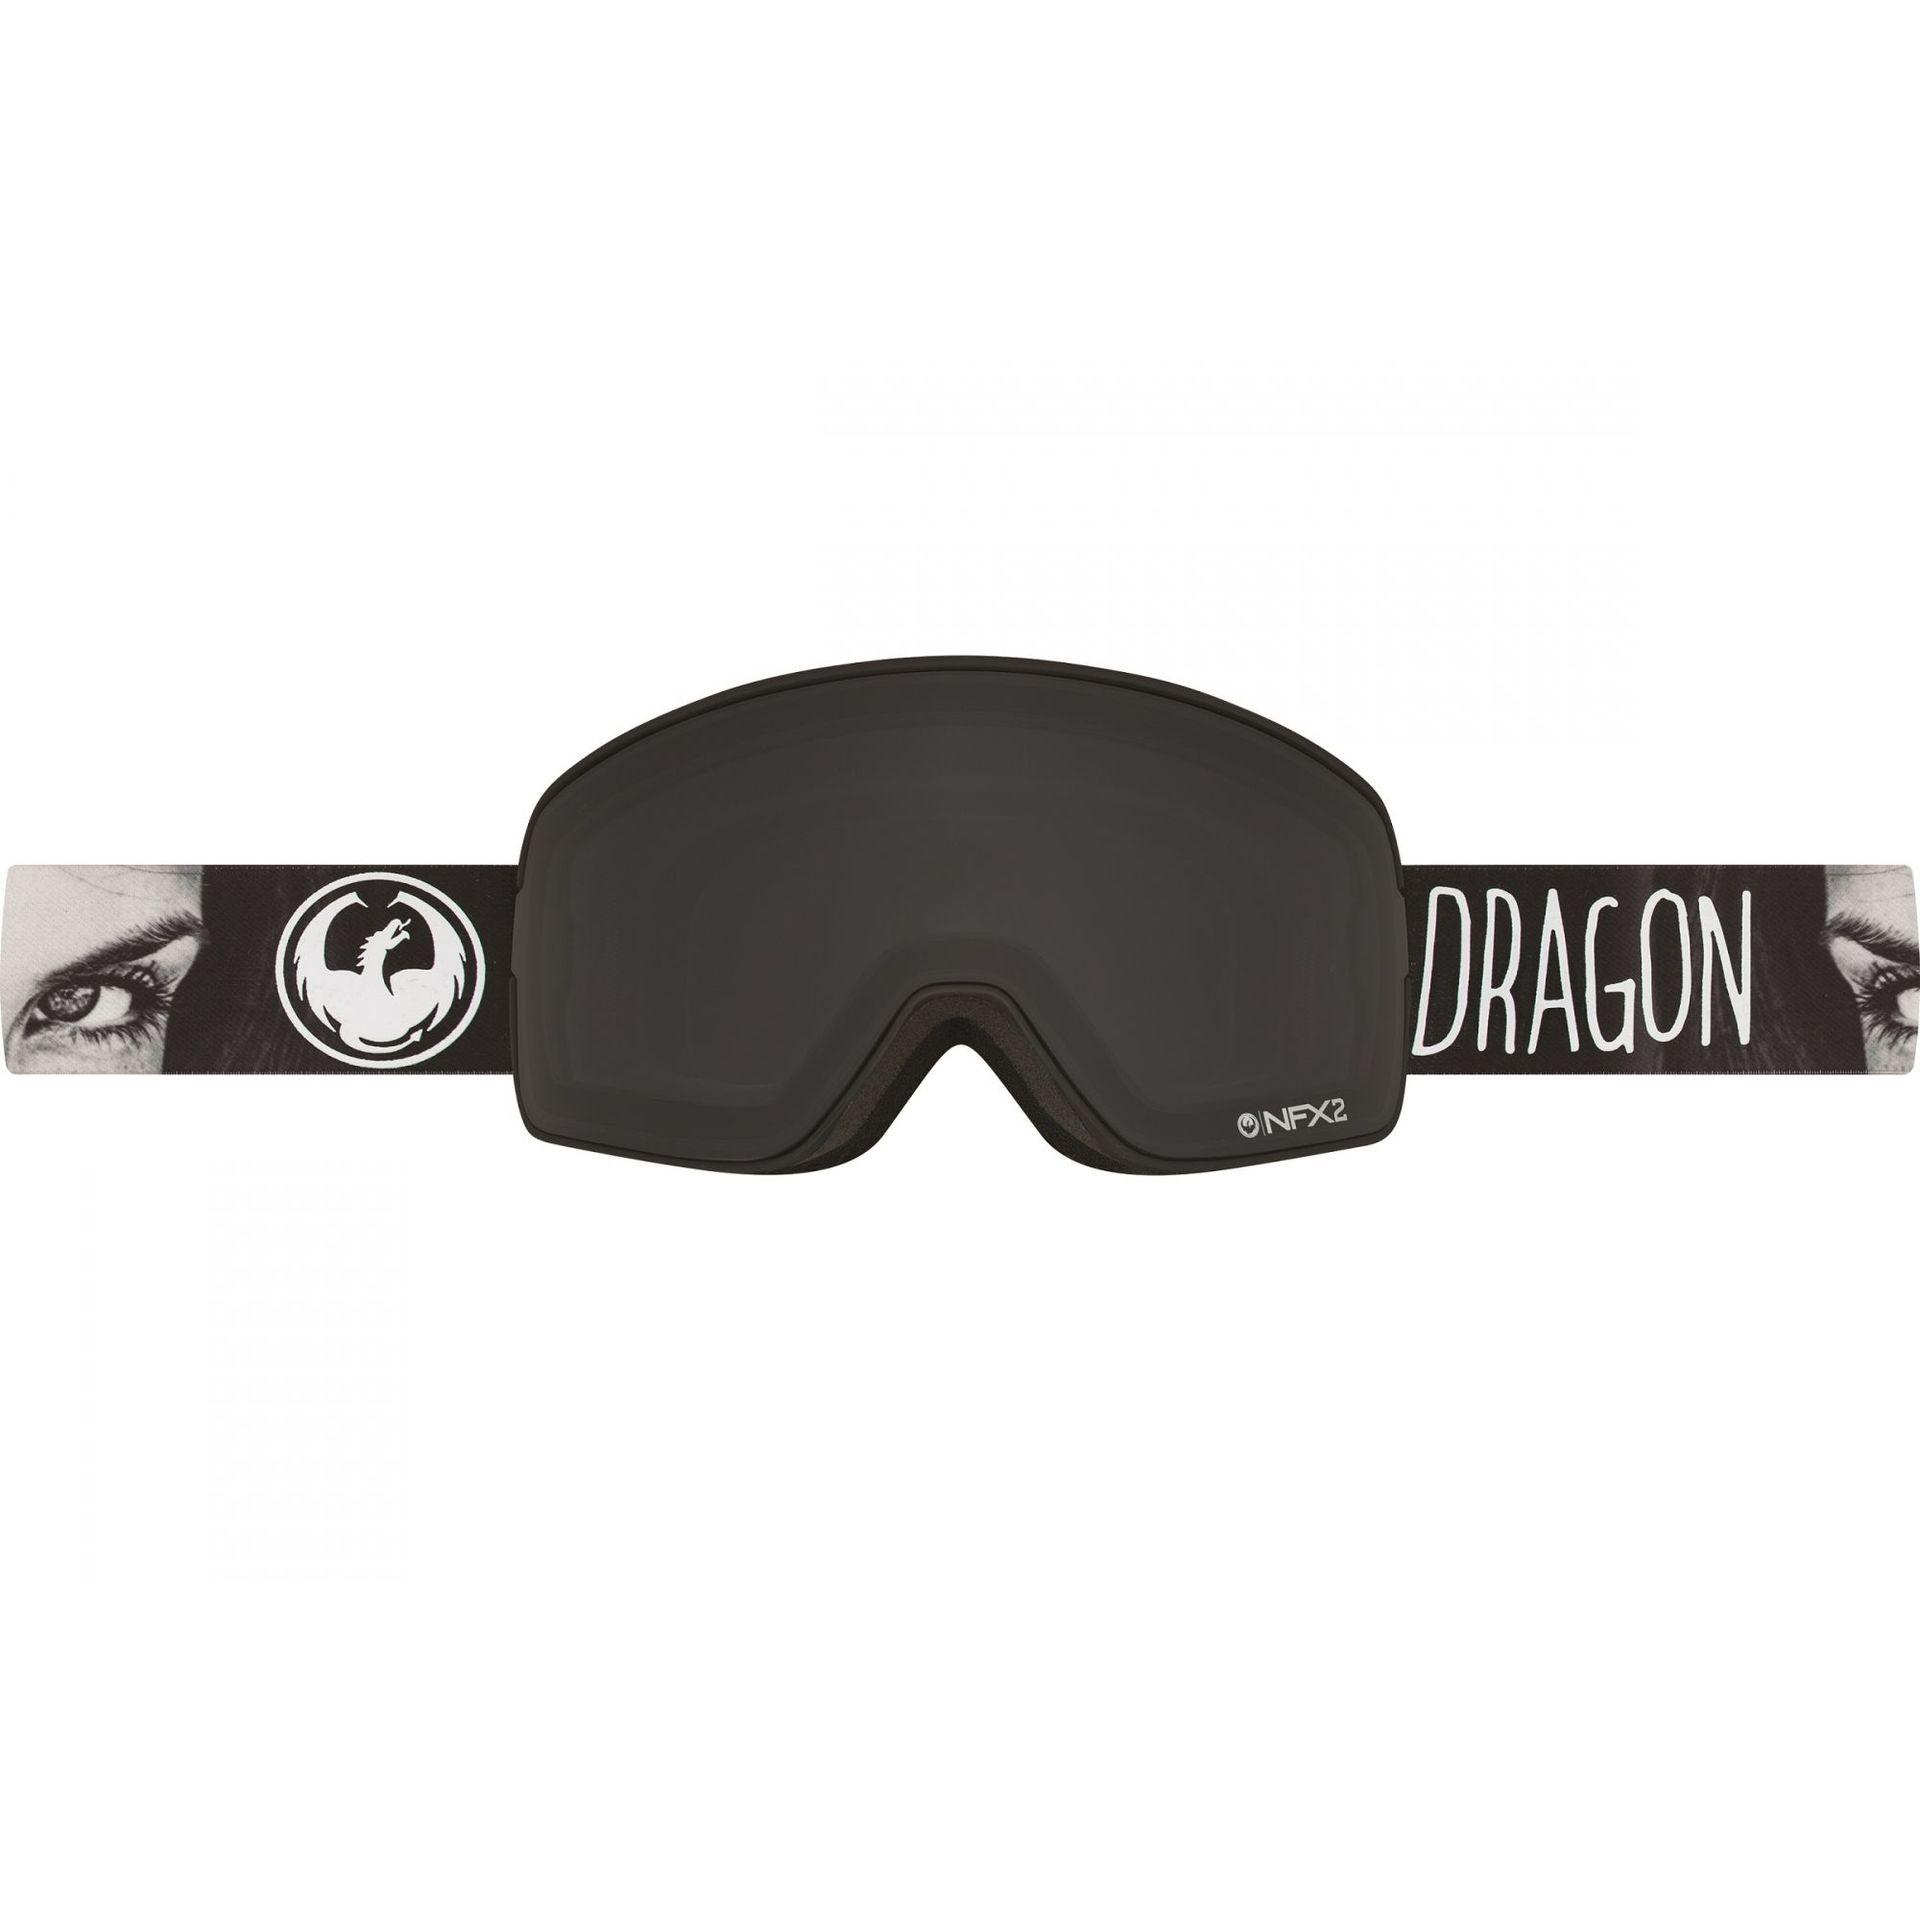 GOGLE DRAGON NFX2 6297 1